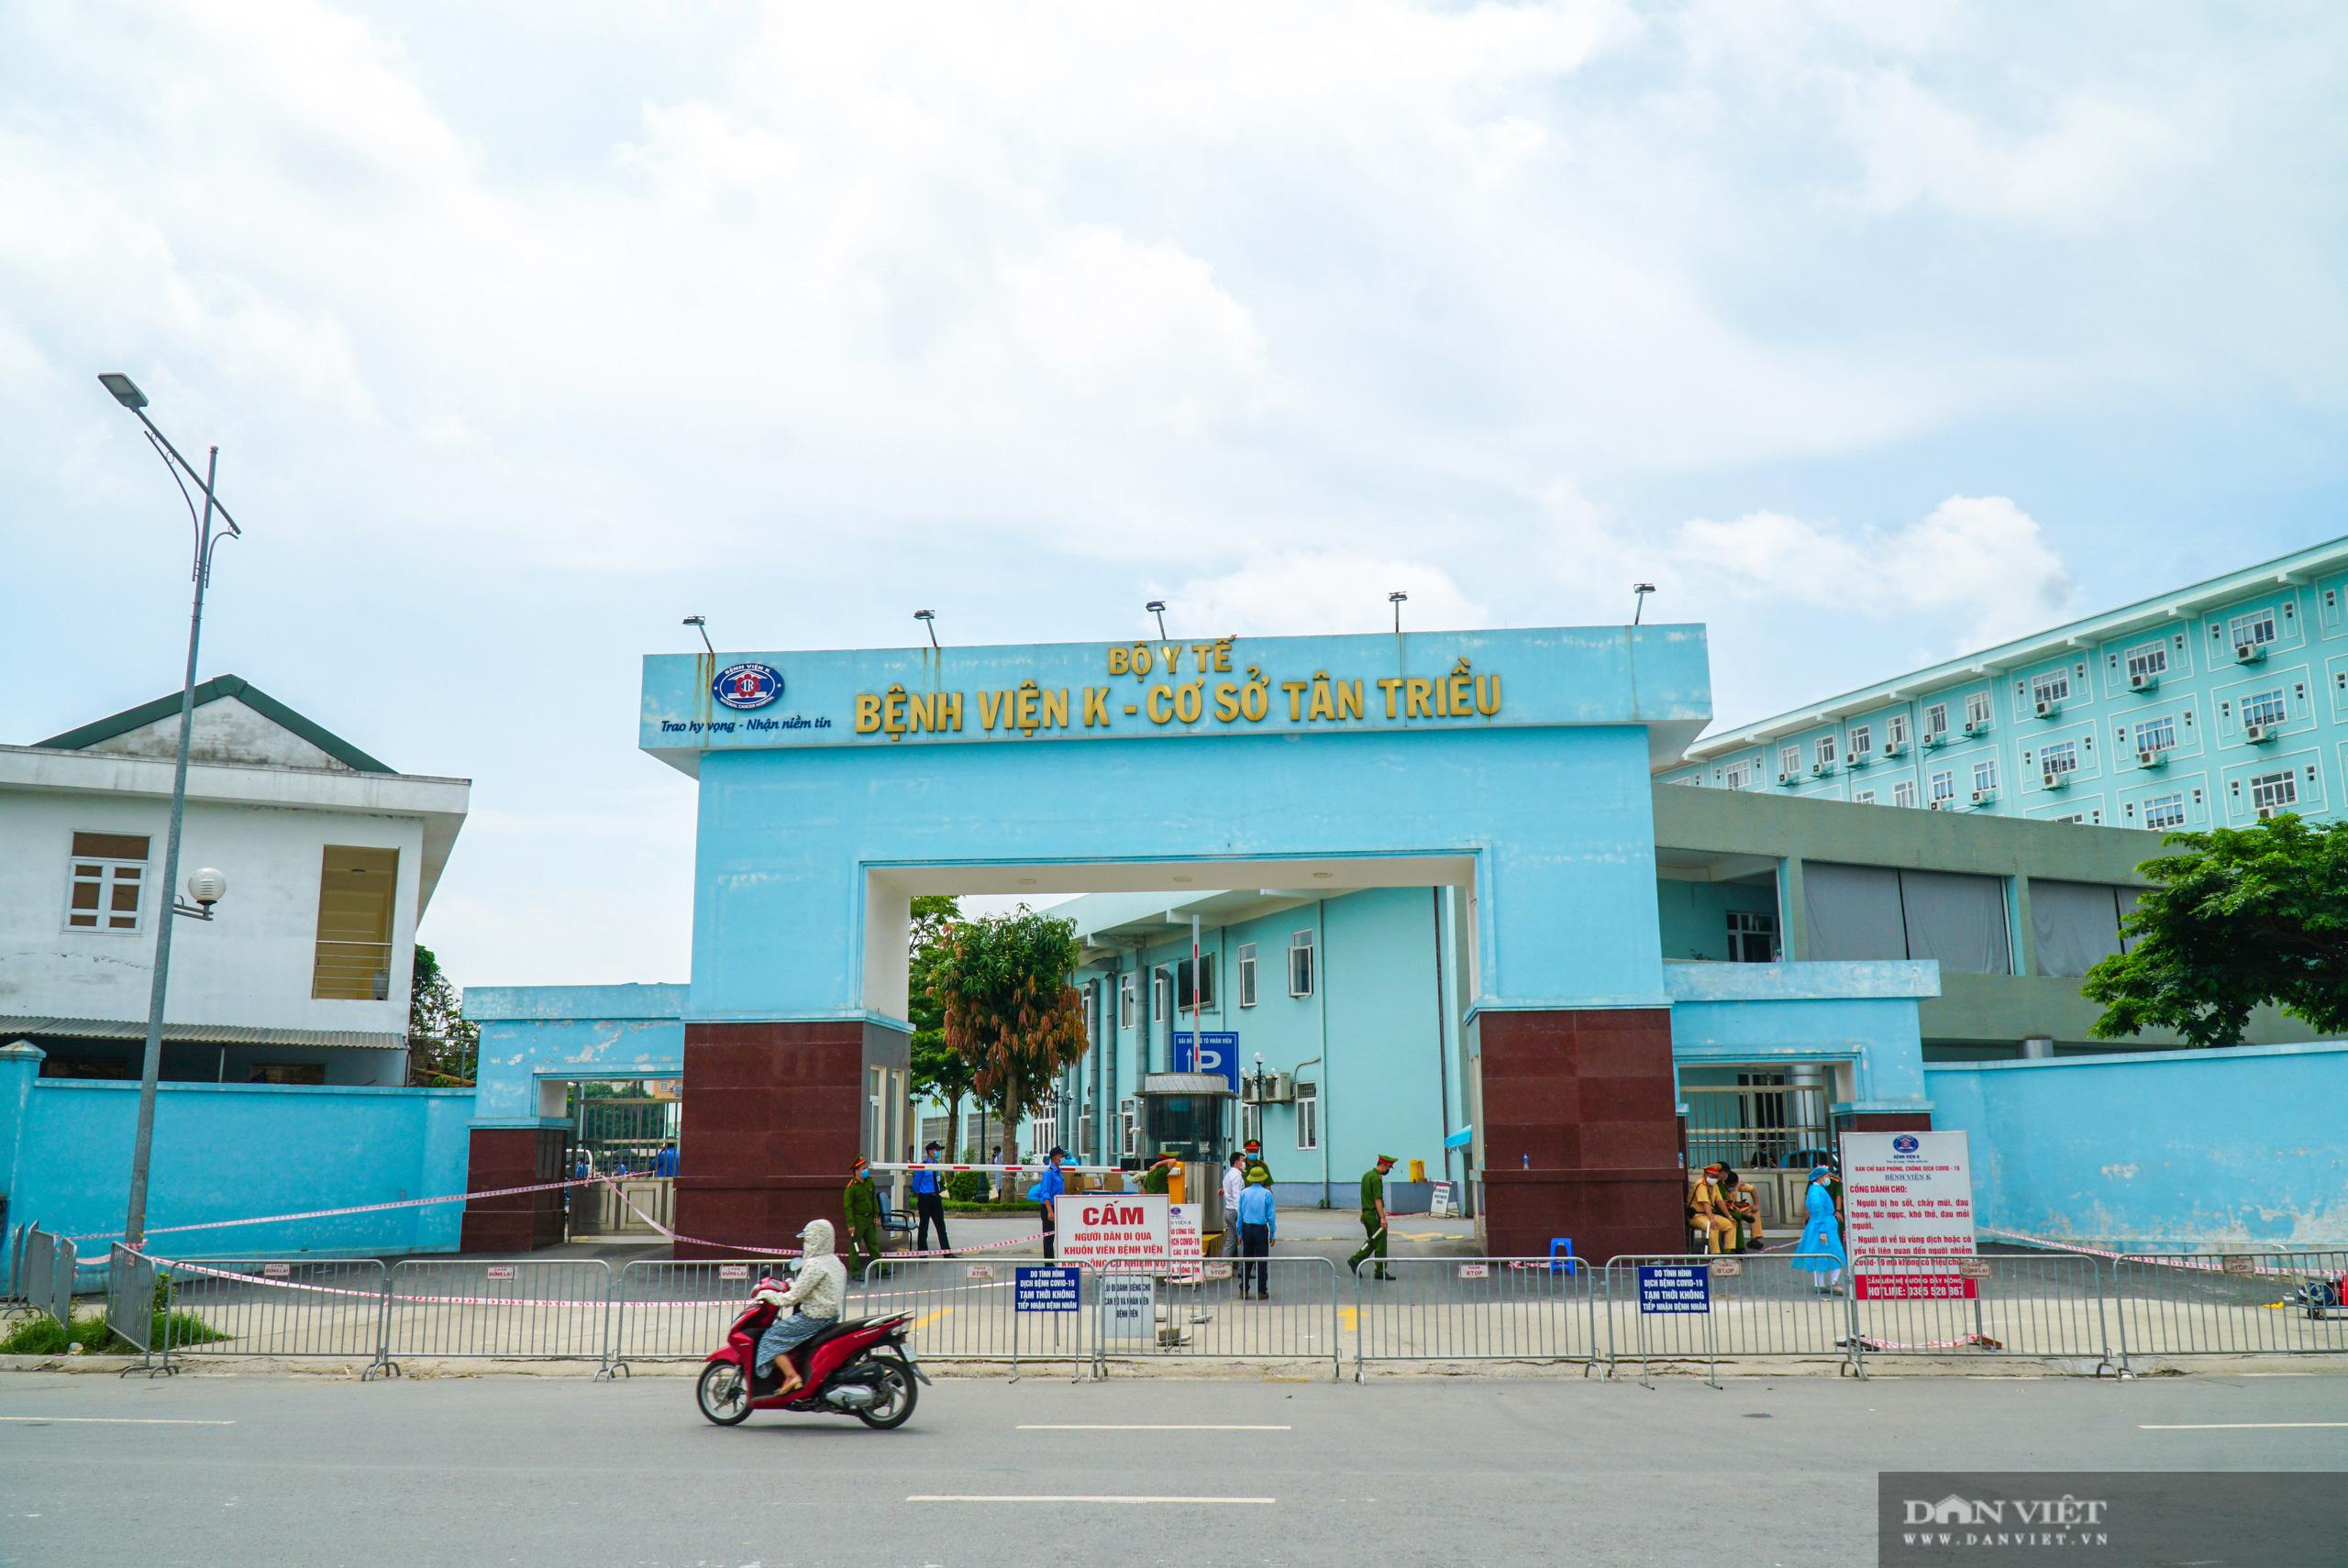 Bệnh viện K Tân Triều bị phong toả, người thân đội nắng tiếp tế đồ ăn - Ảnh 1.